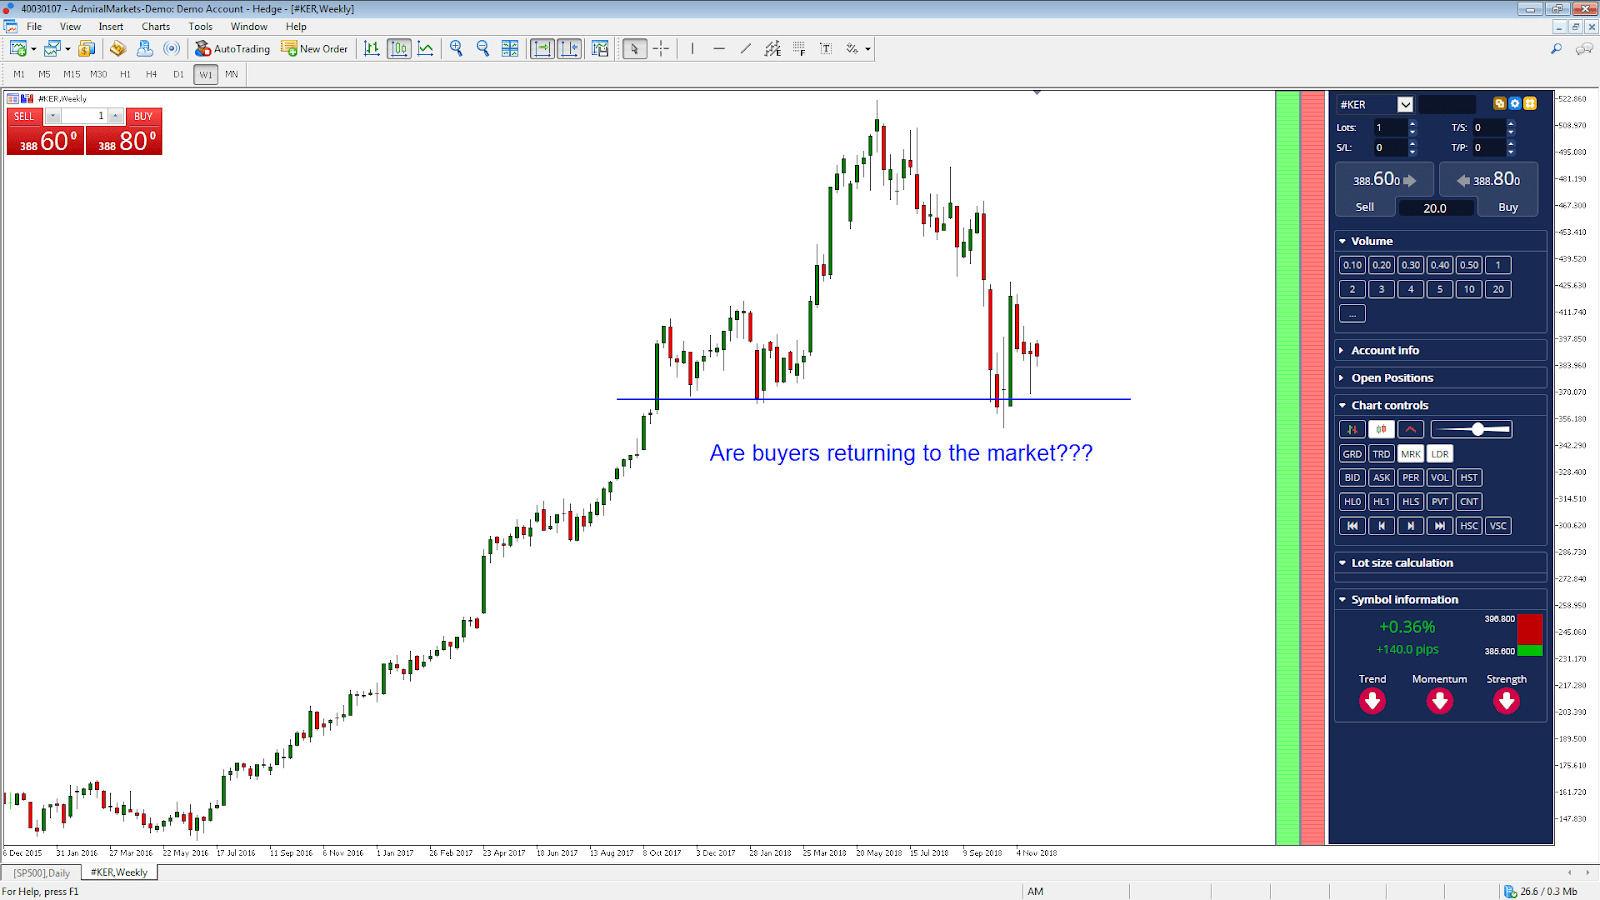 pasinaudoti akcijų pasirinkimo sandorių forma